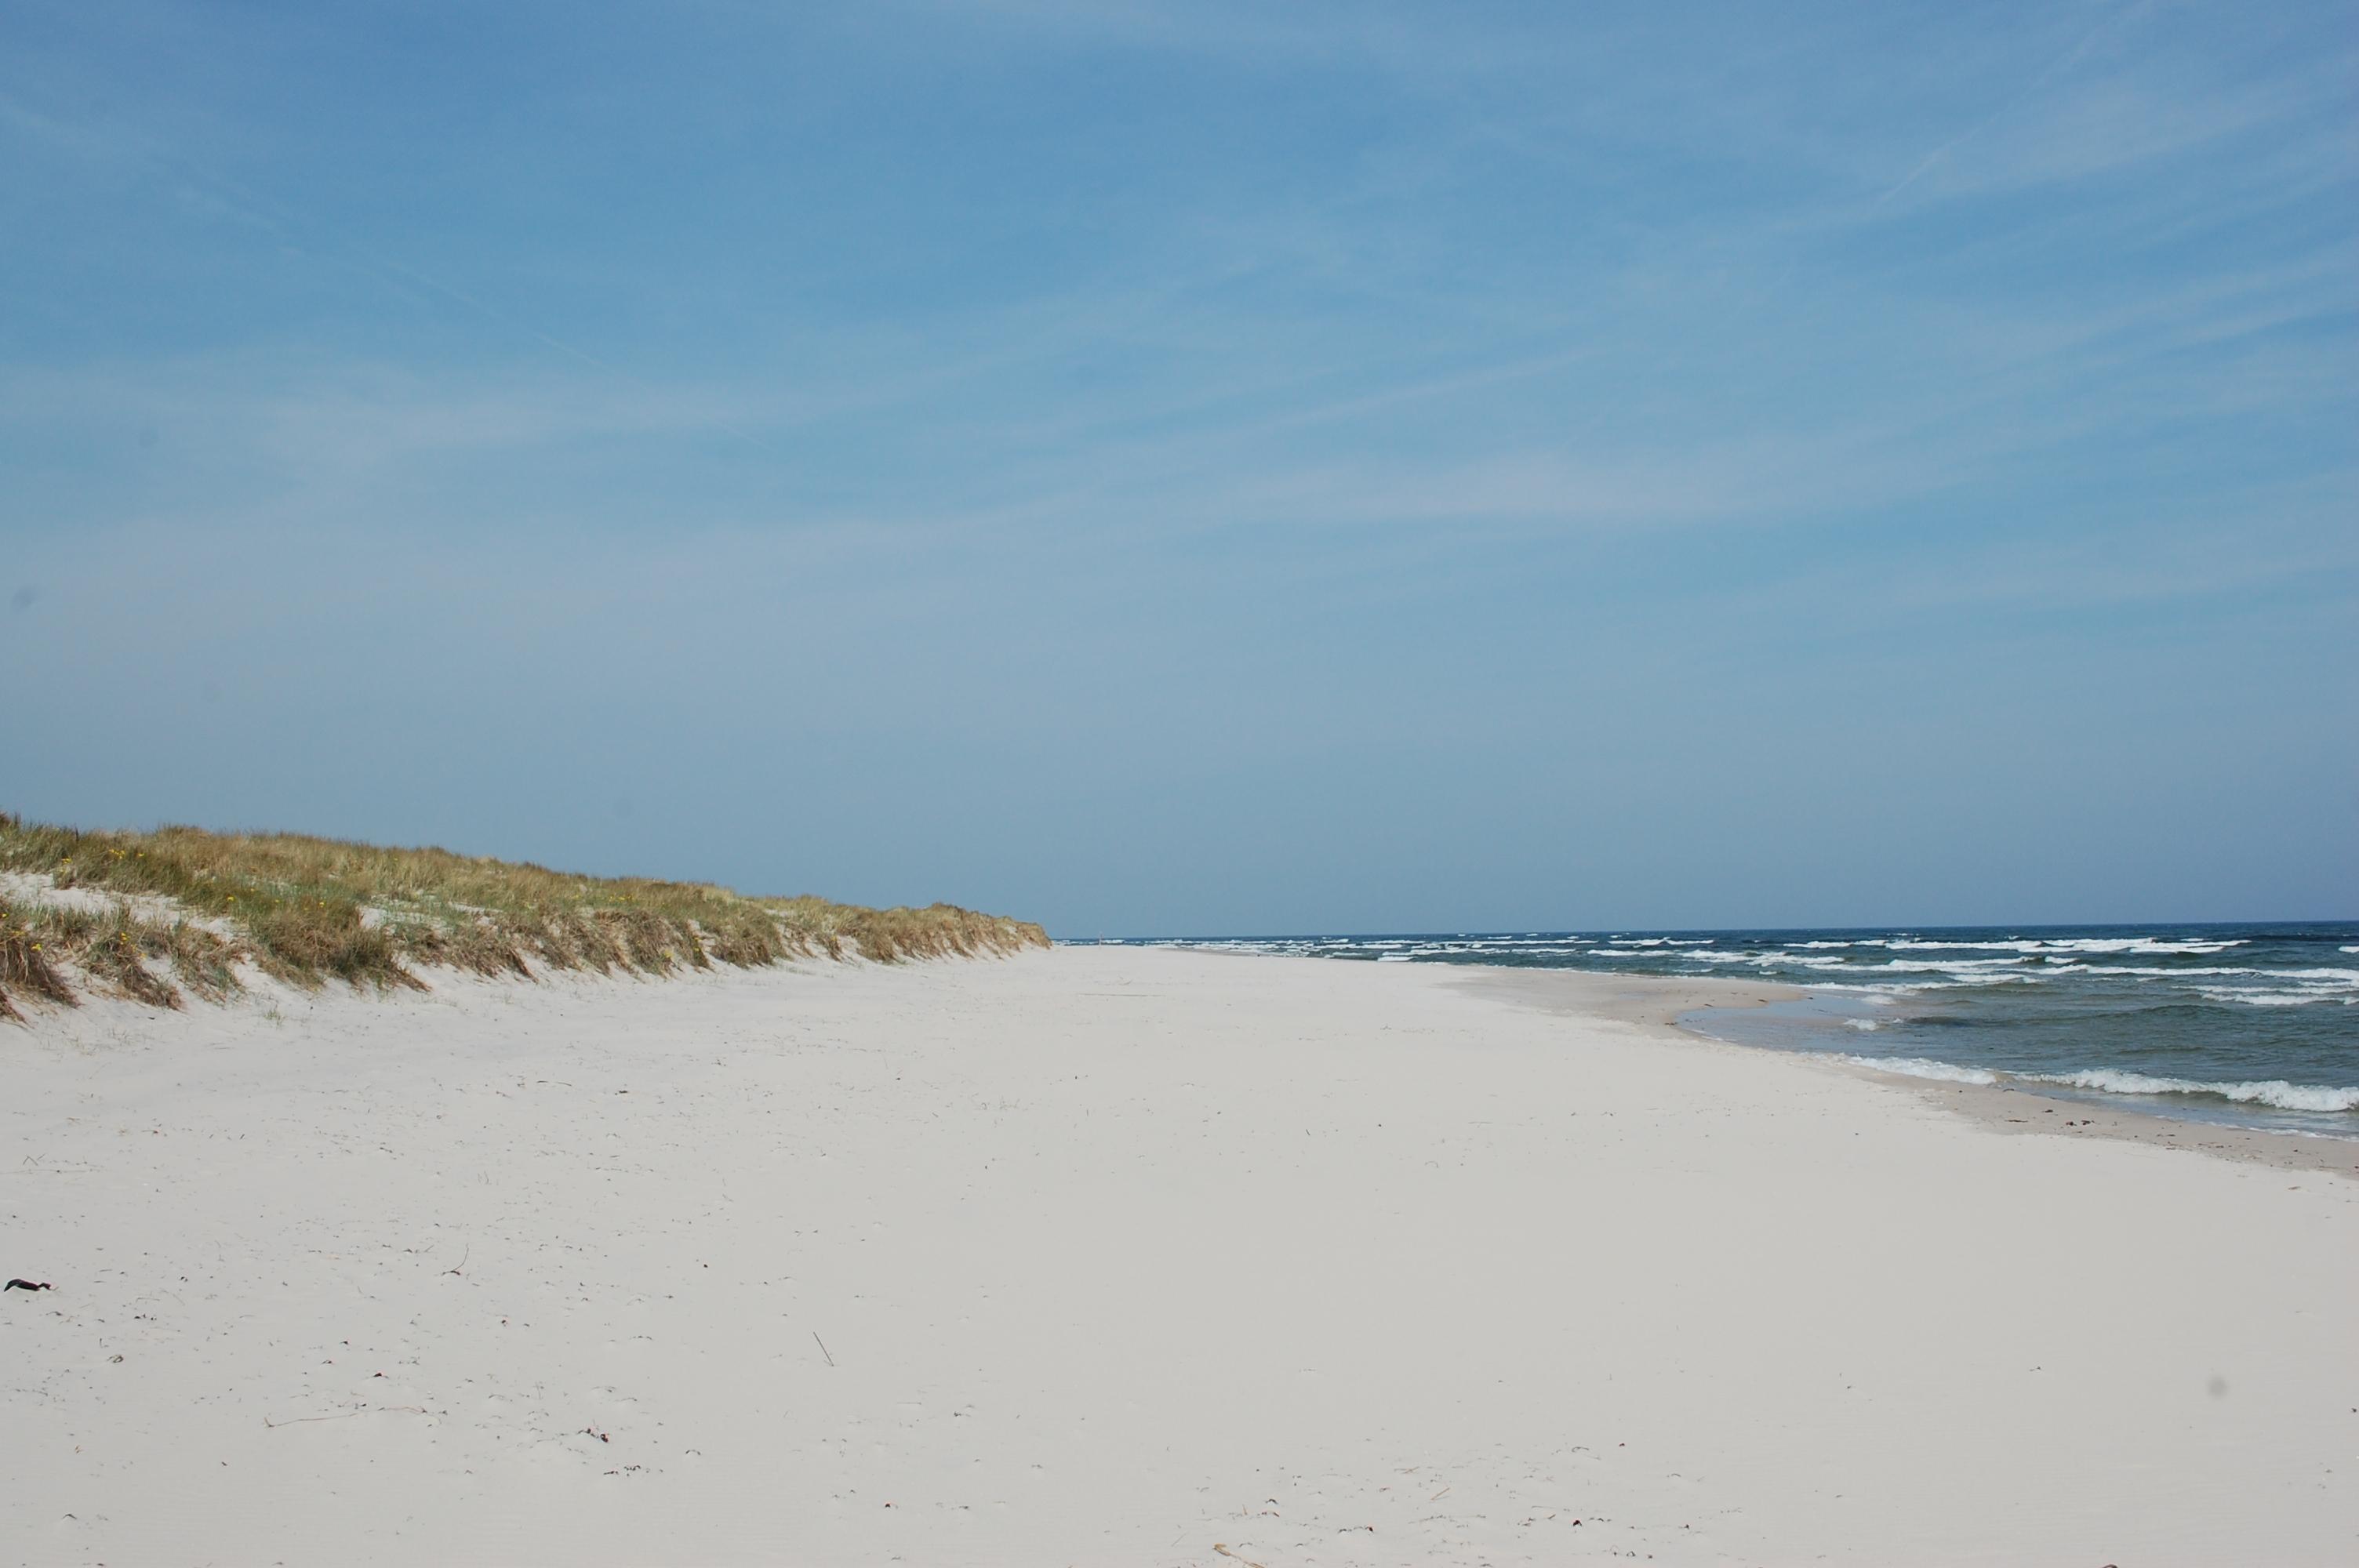 Sandhammaren_Strand_Blick_nach_Norden